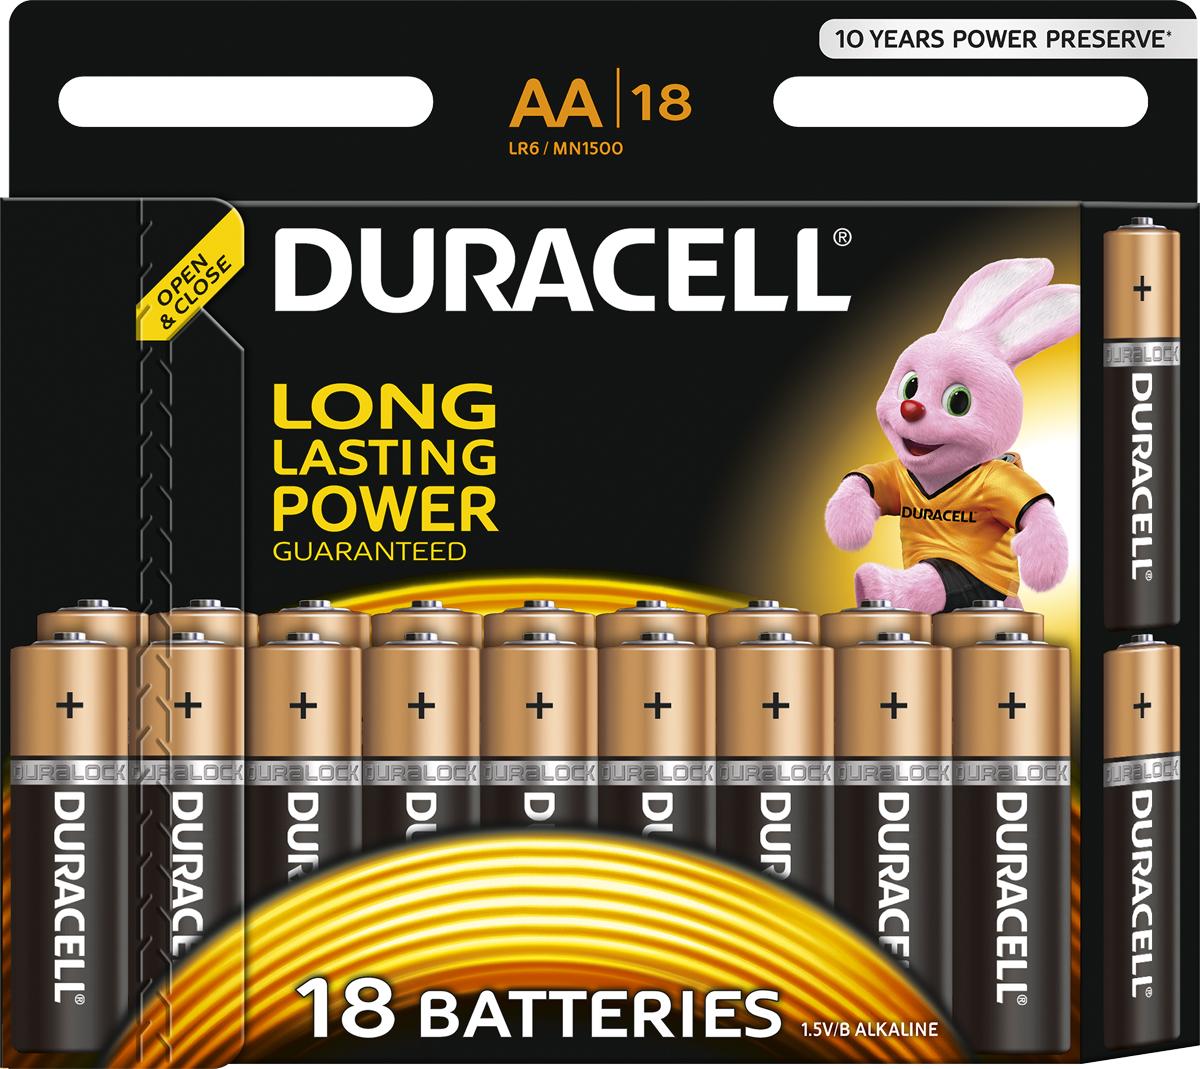 Набор щелочных батареек Duracell  Basic , тип АА, 18 шт - Батарейки и аккумуляторы